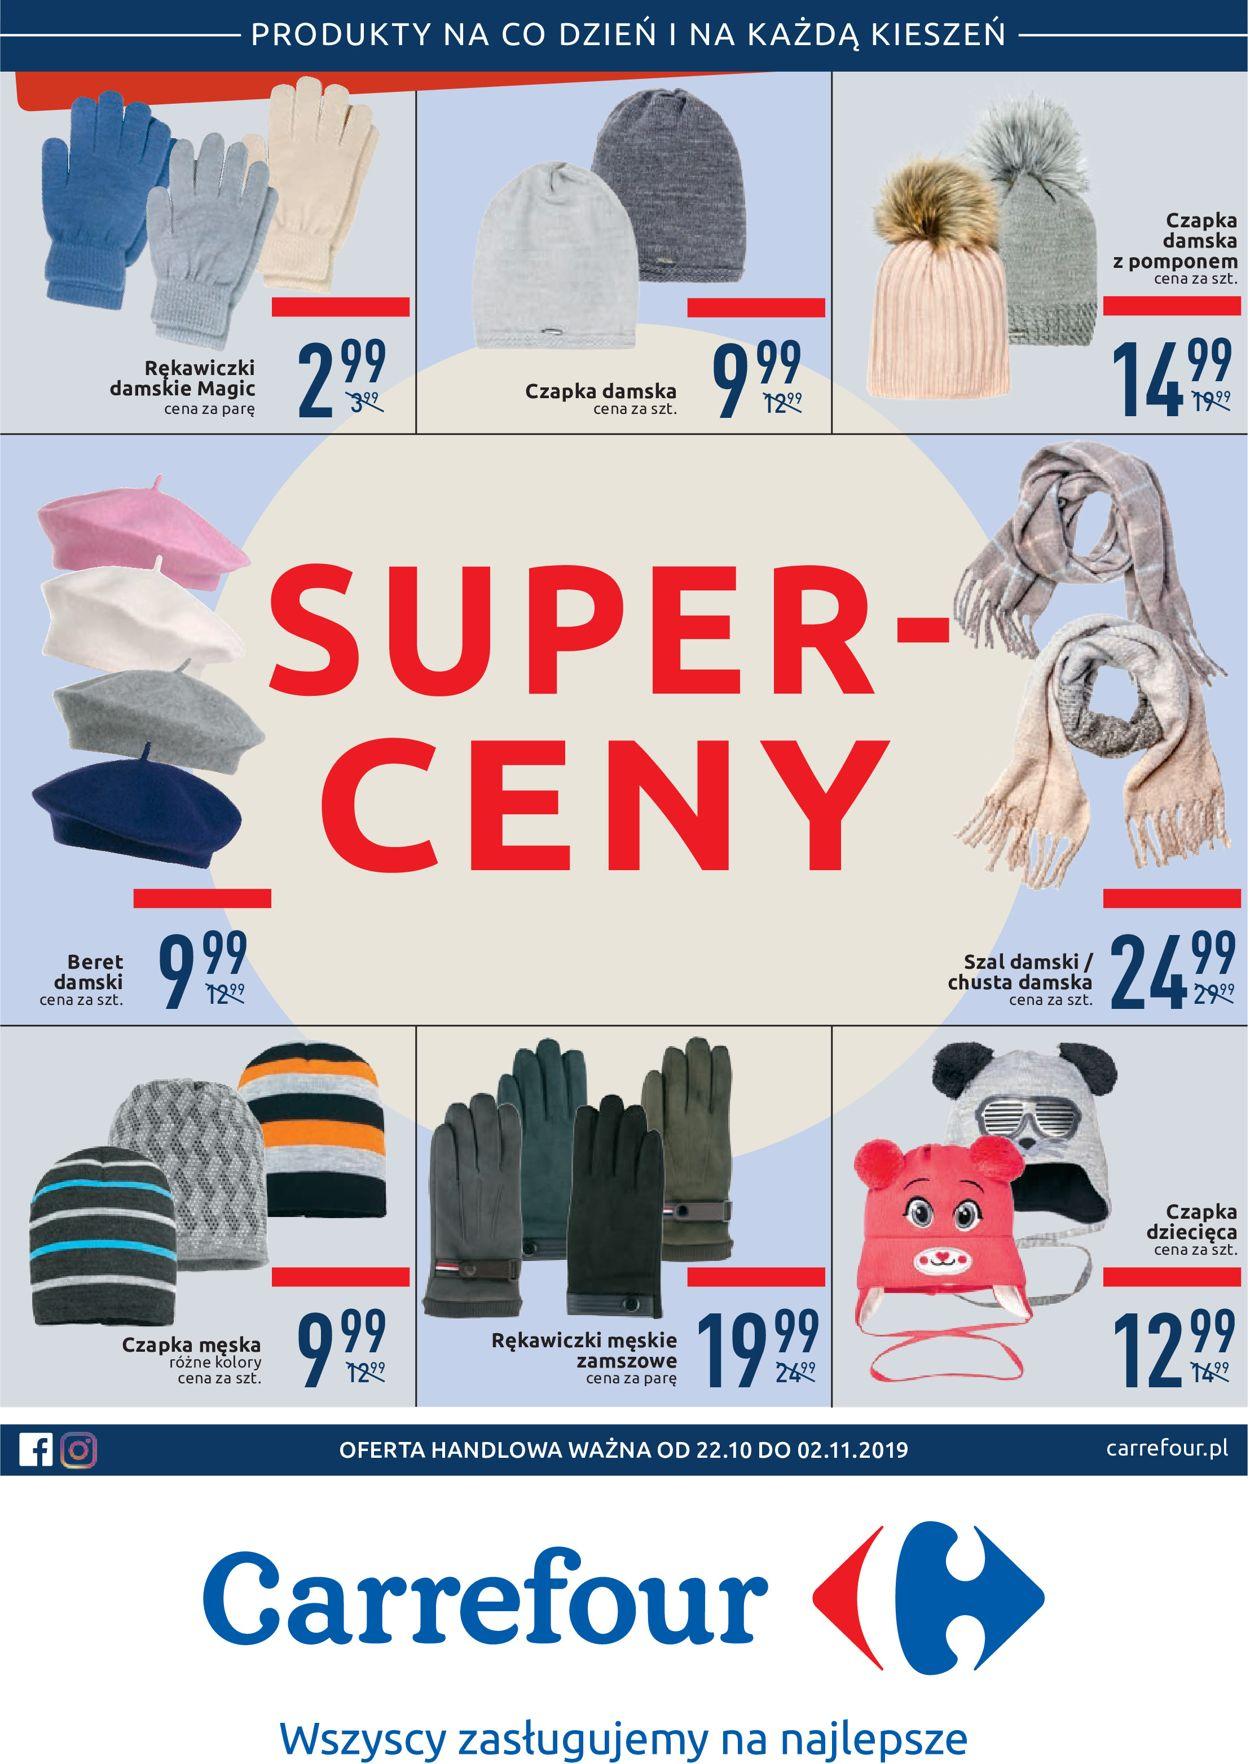 Gazetka promocyjna Carrefour - 22.10-02.11.2019